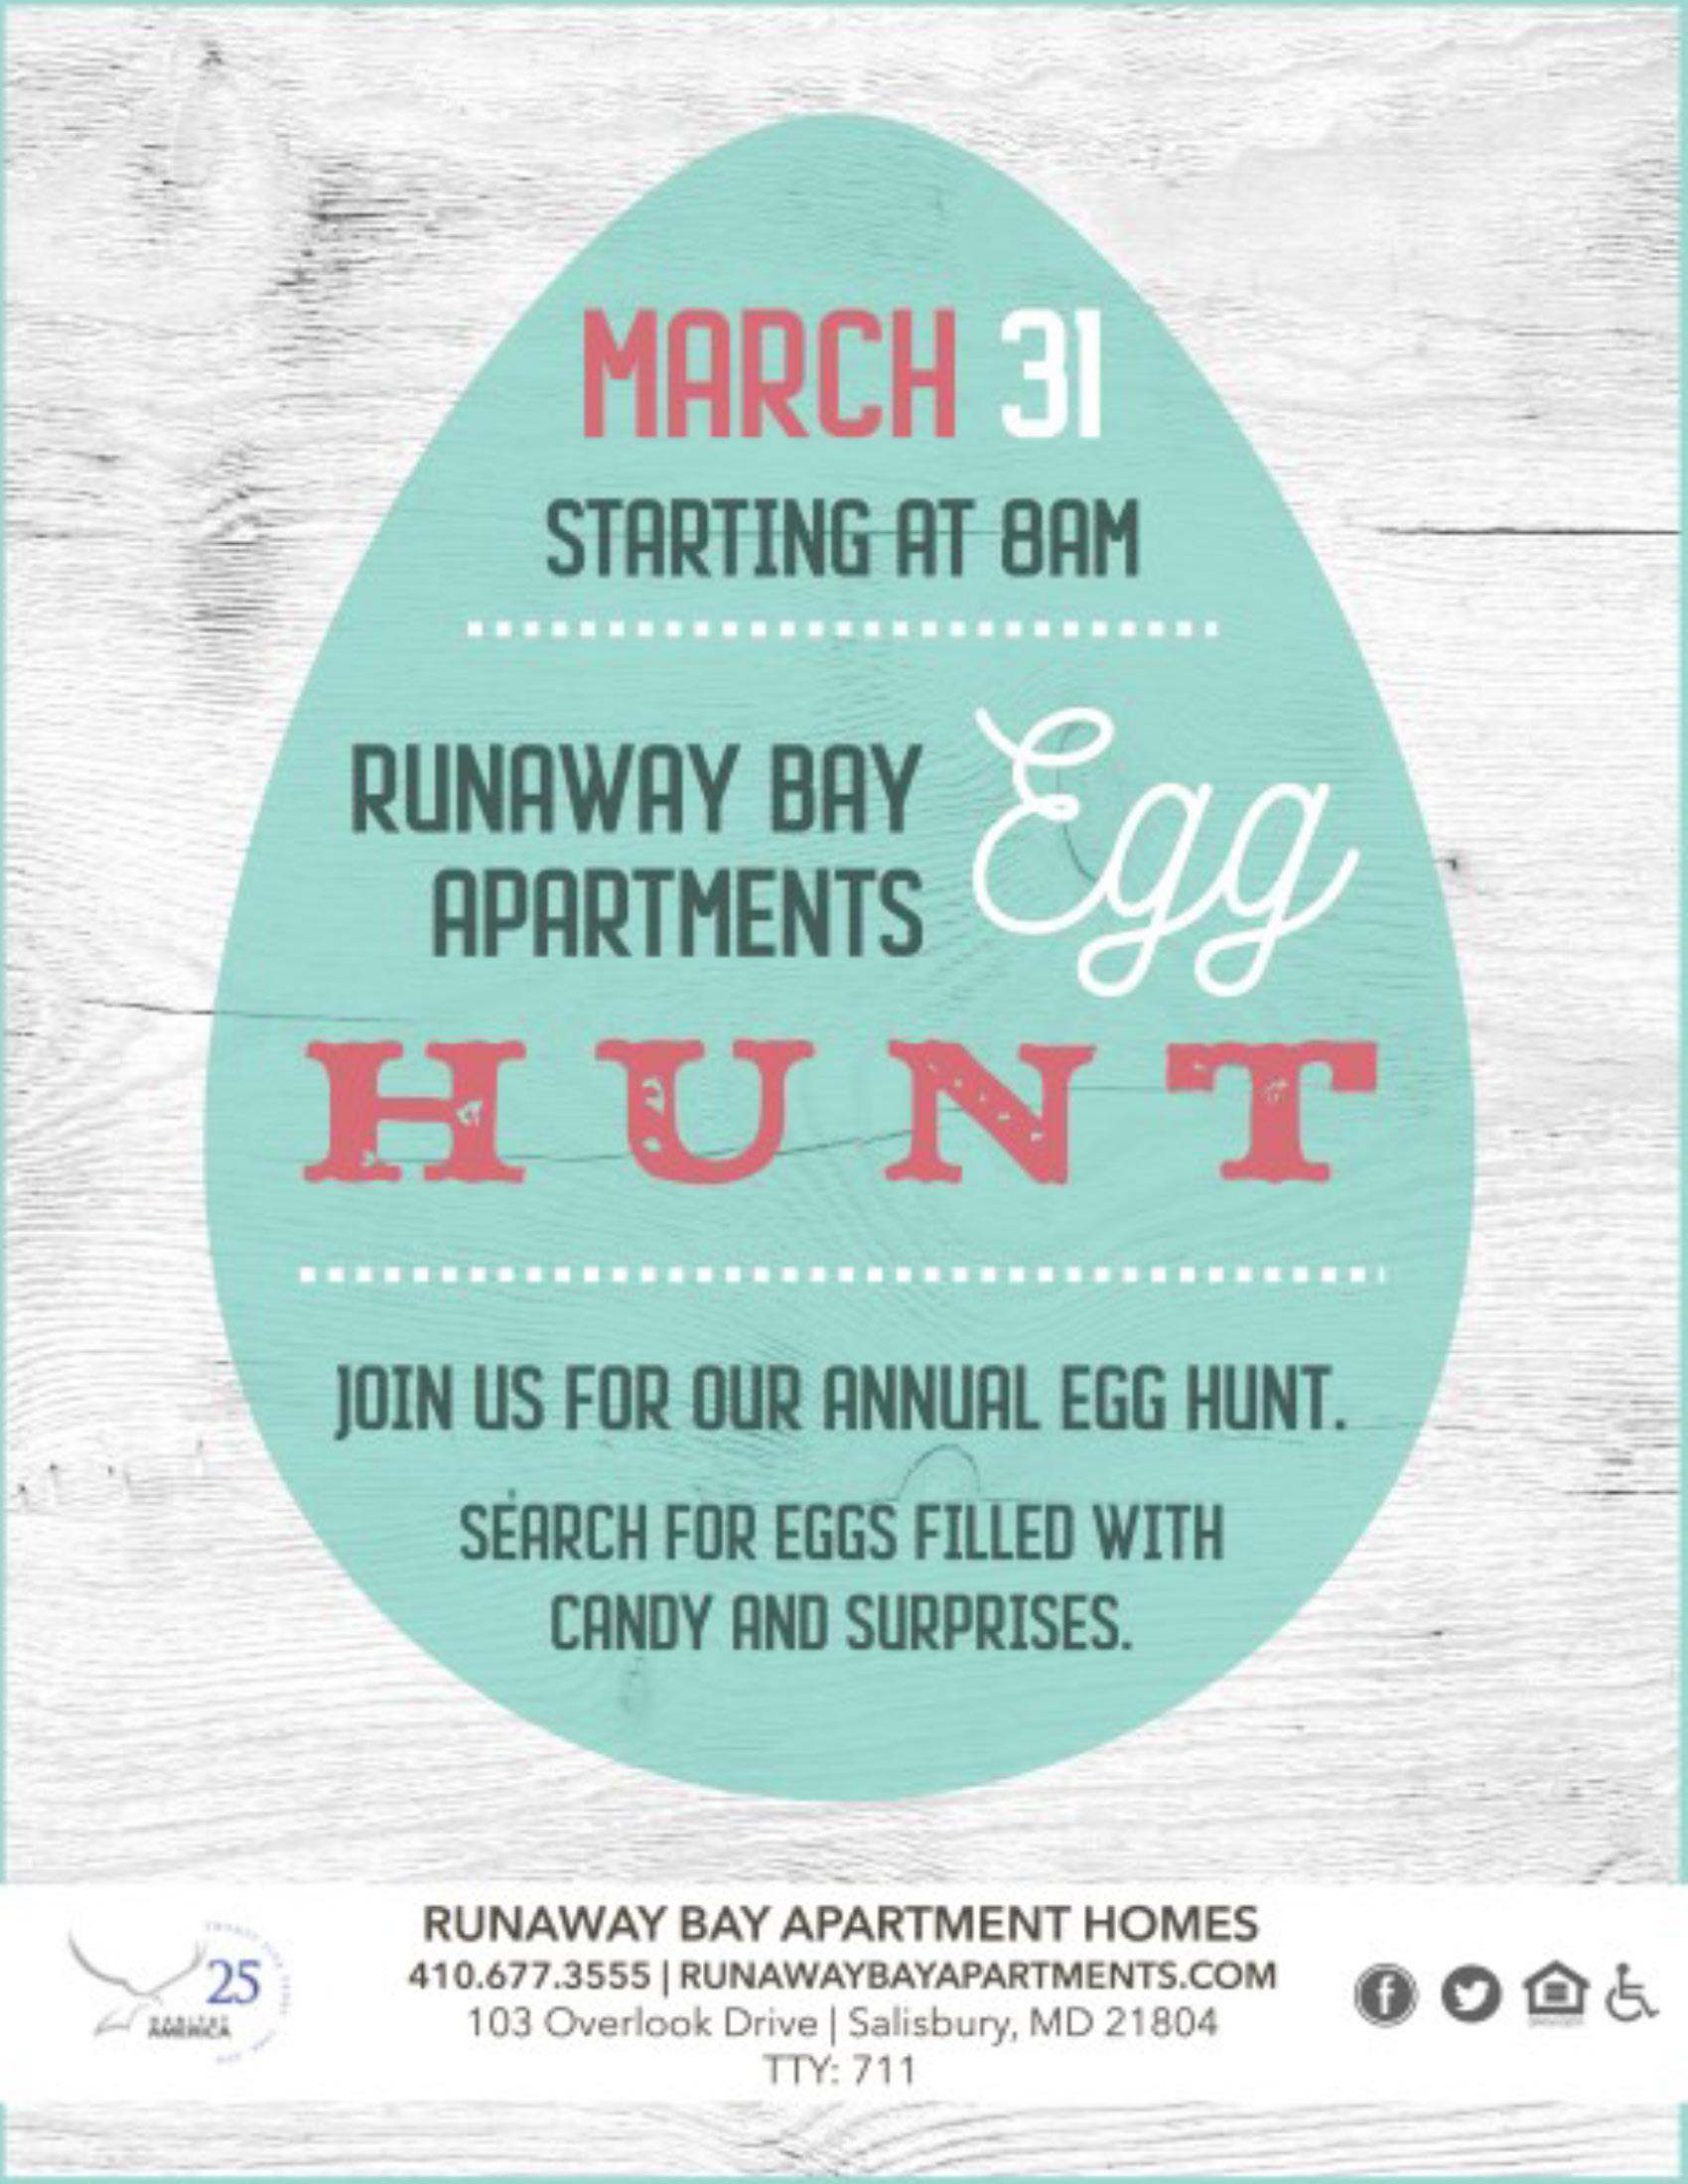 Runaway Bay Egg Hunt 2018